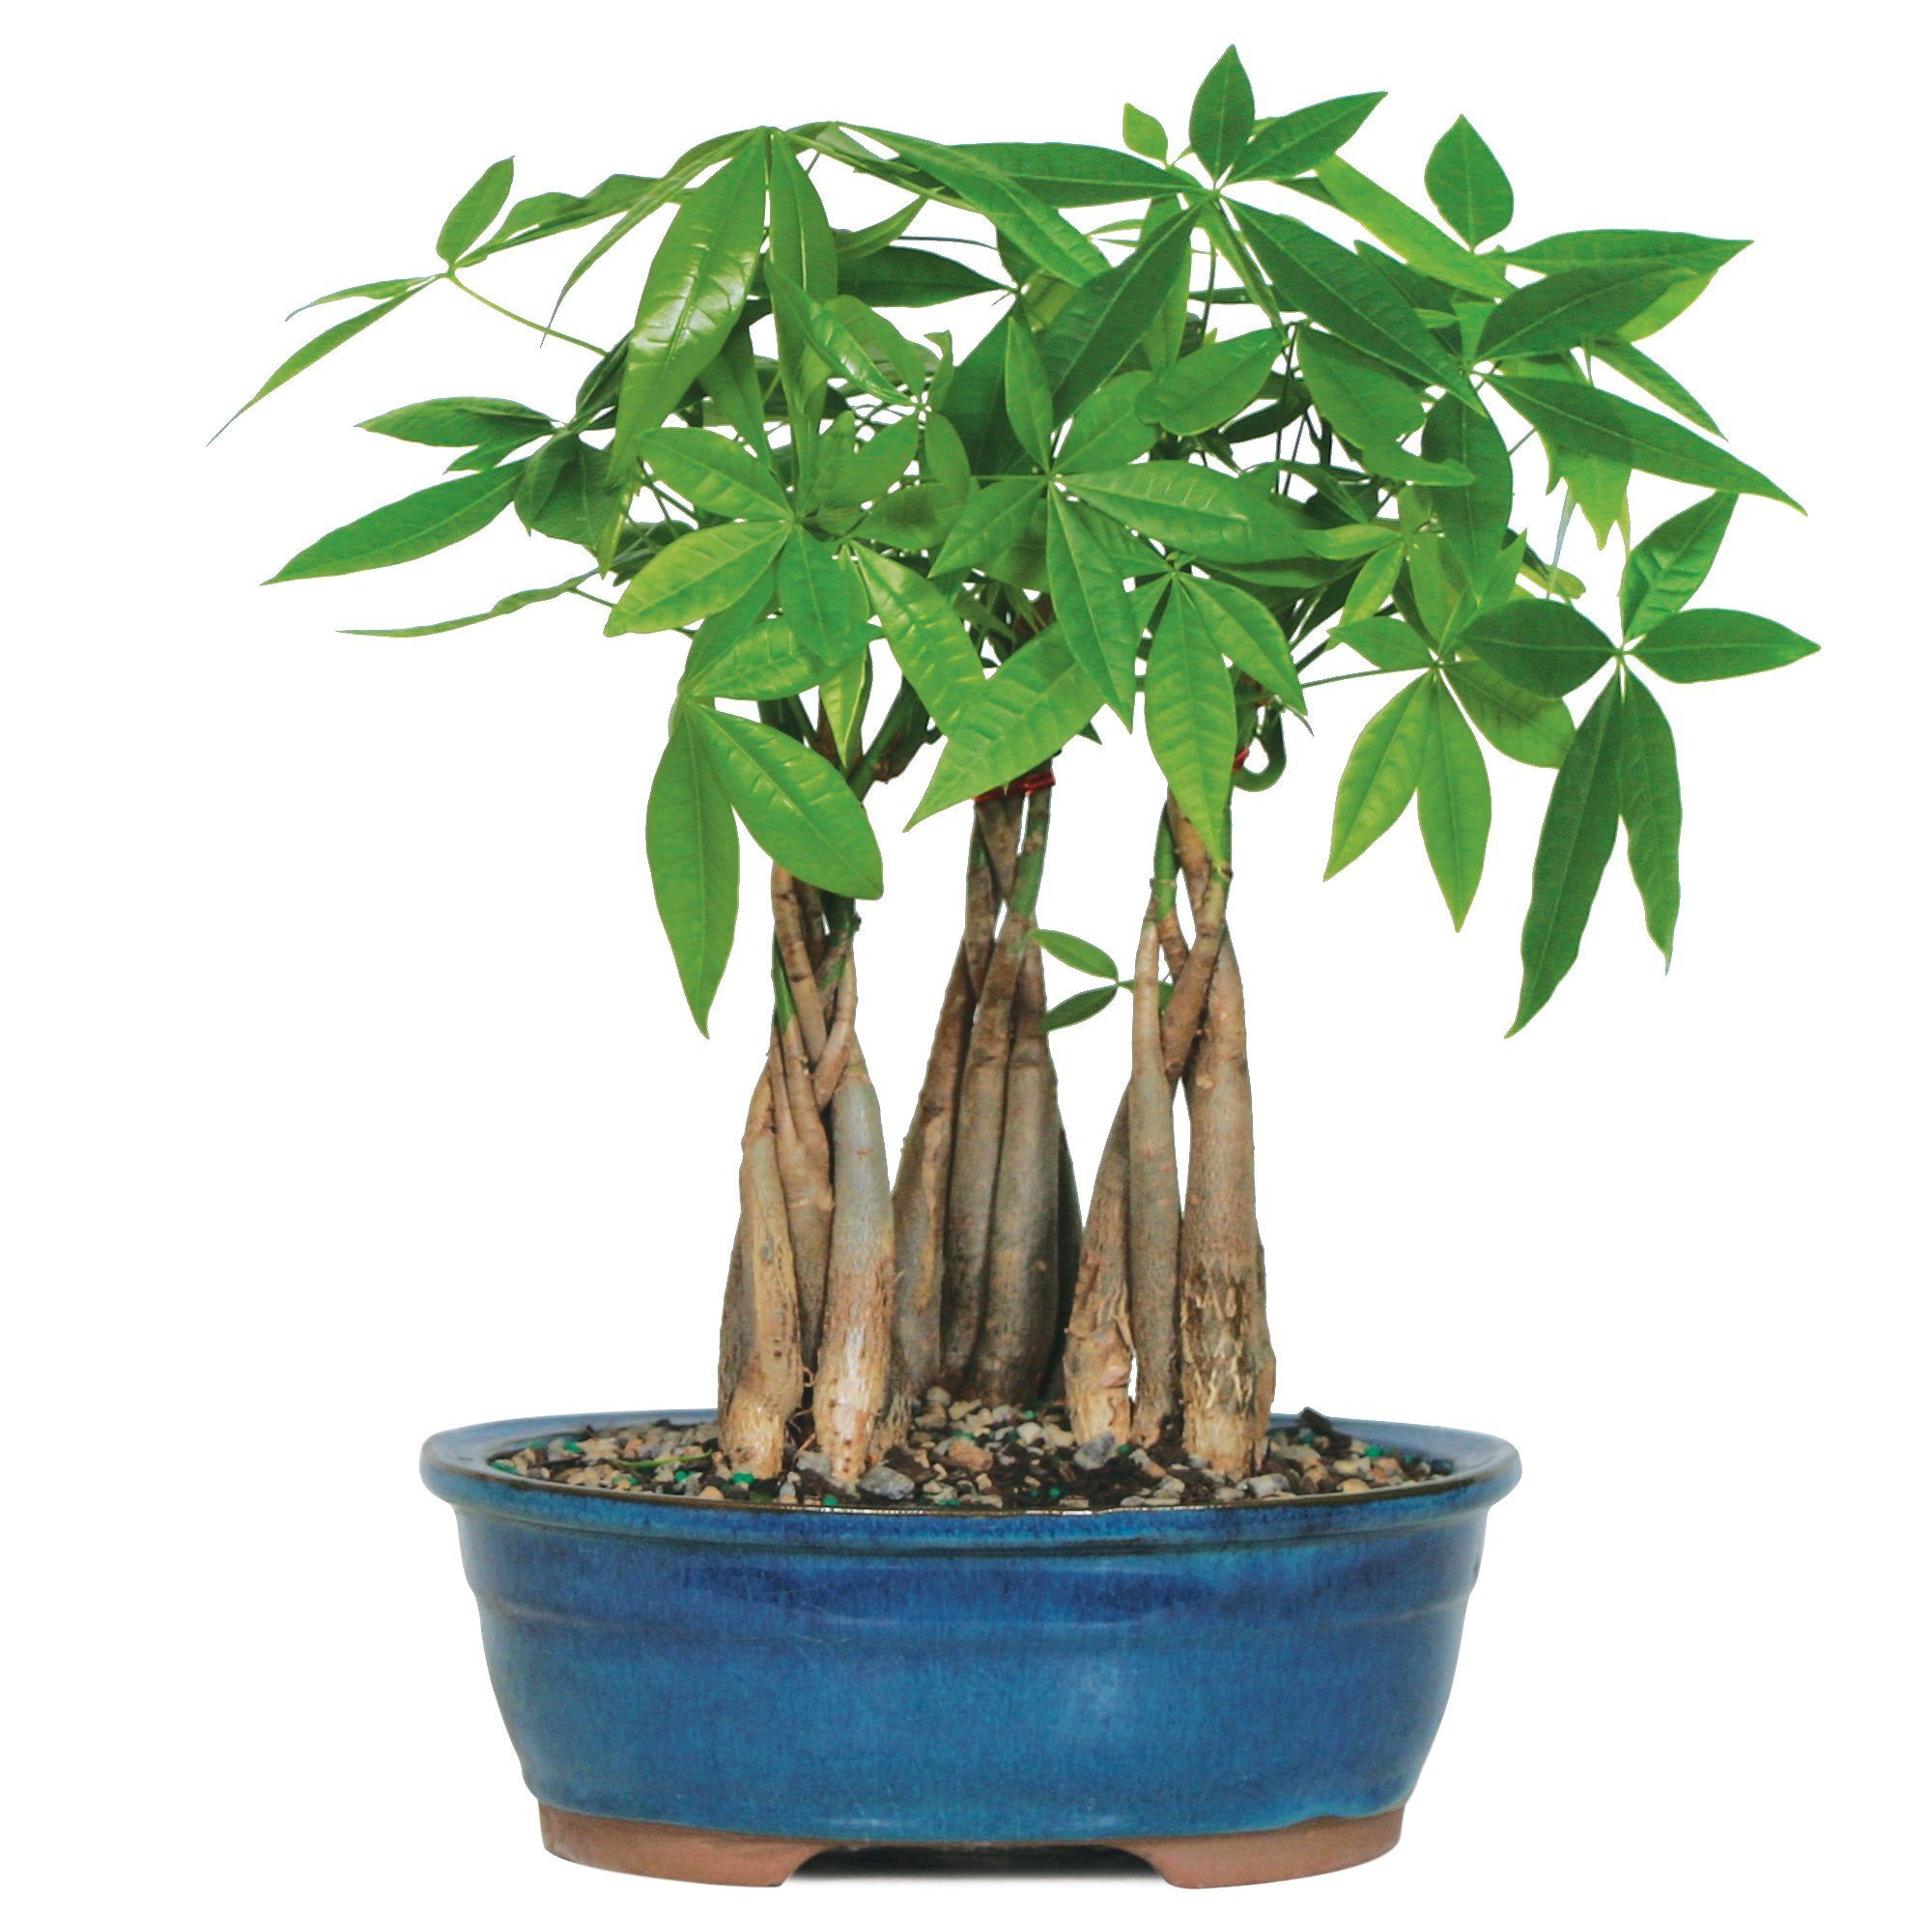 How does the money tree flourish